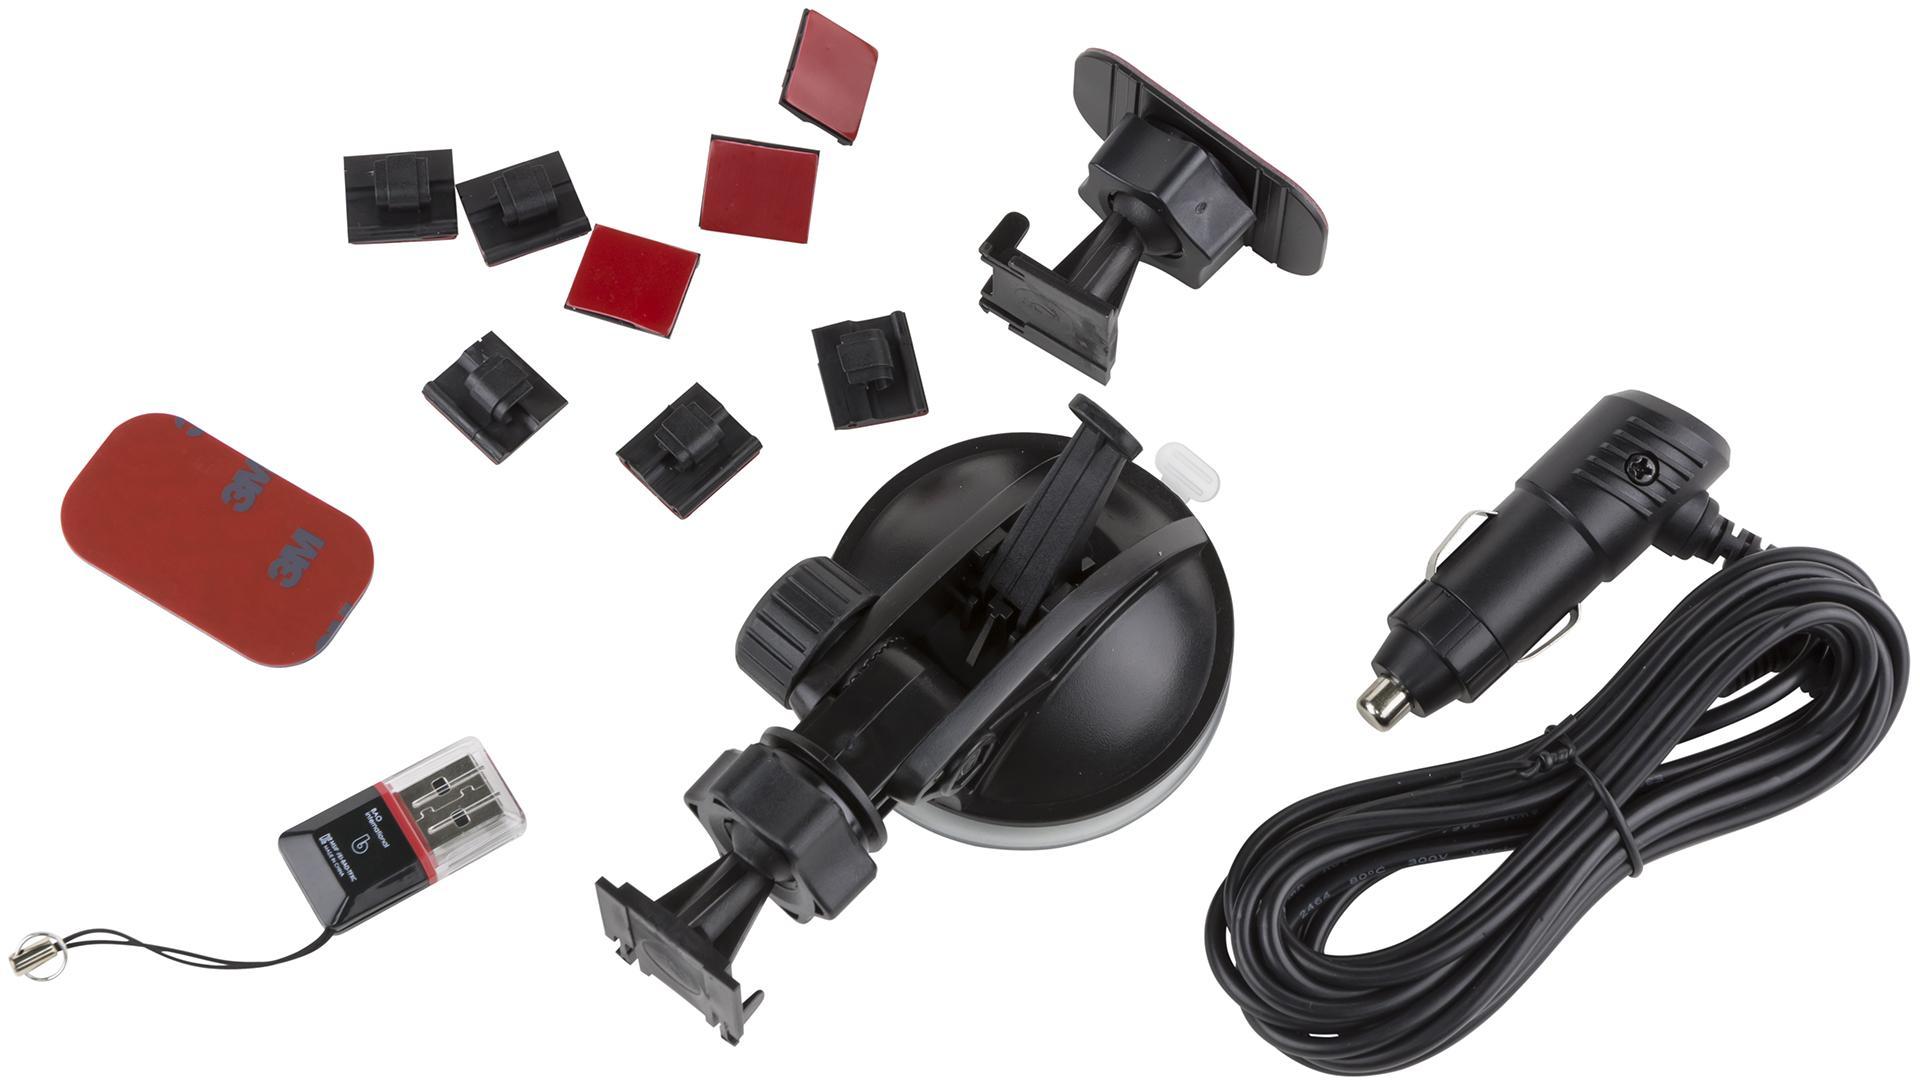 Видеорегистратор и радар-детектор в одном устройстве: обзор Neoline X-COP 9700